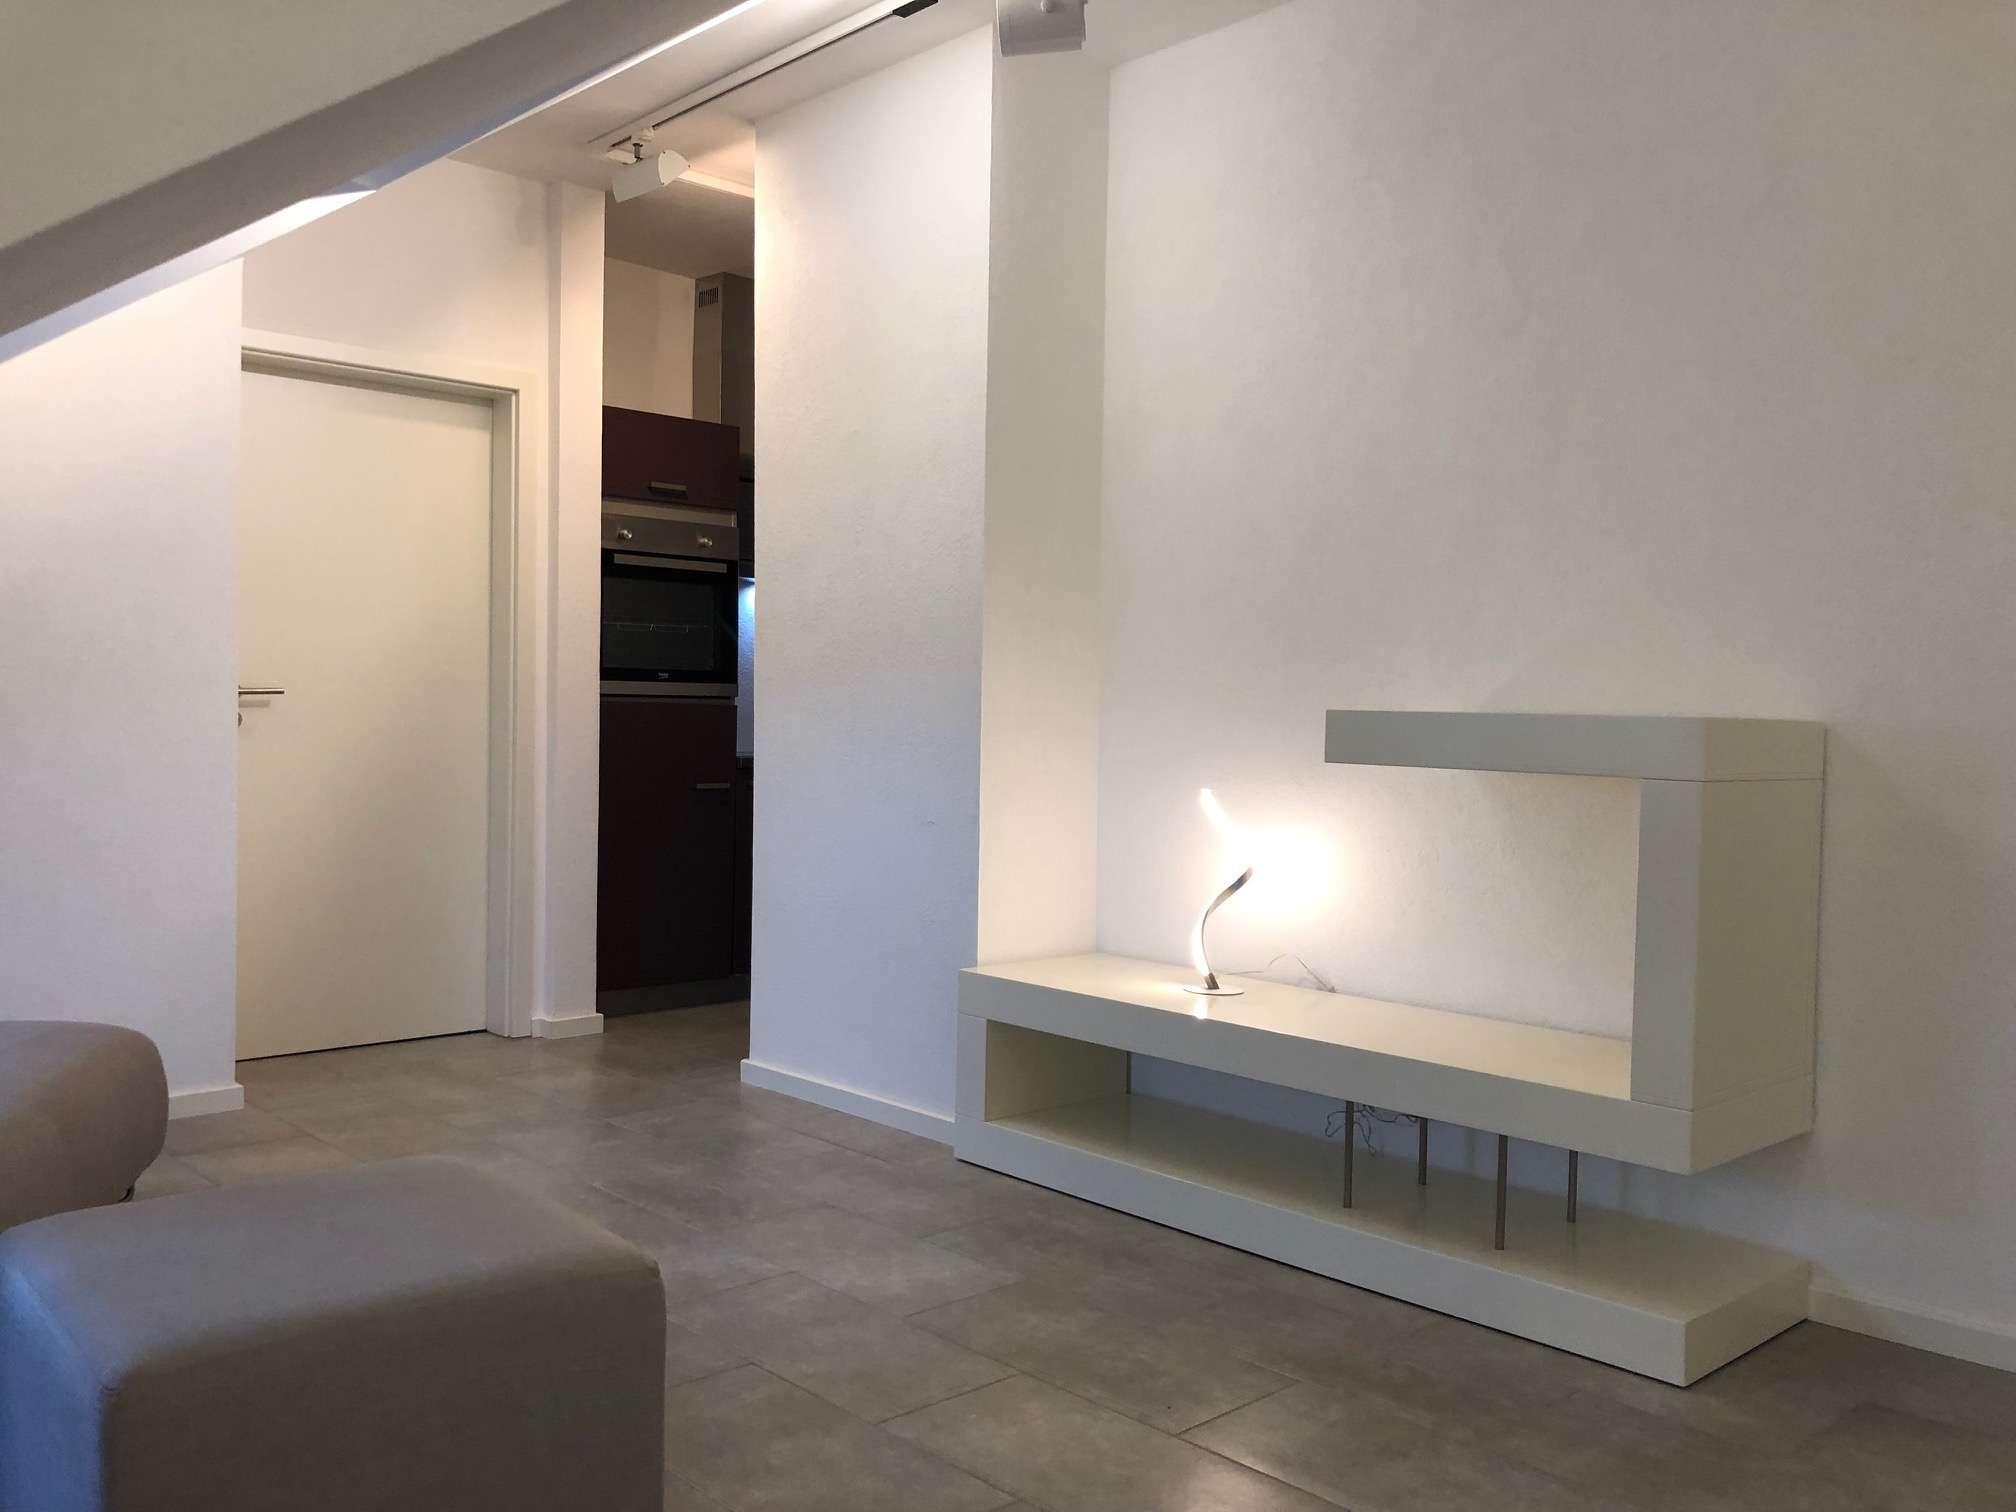 Komplett renovierte 2-Zimmer-Wohnung in Ingolstadt in Nordwest